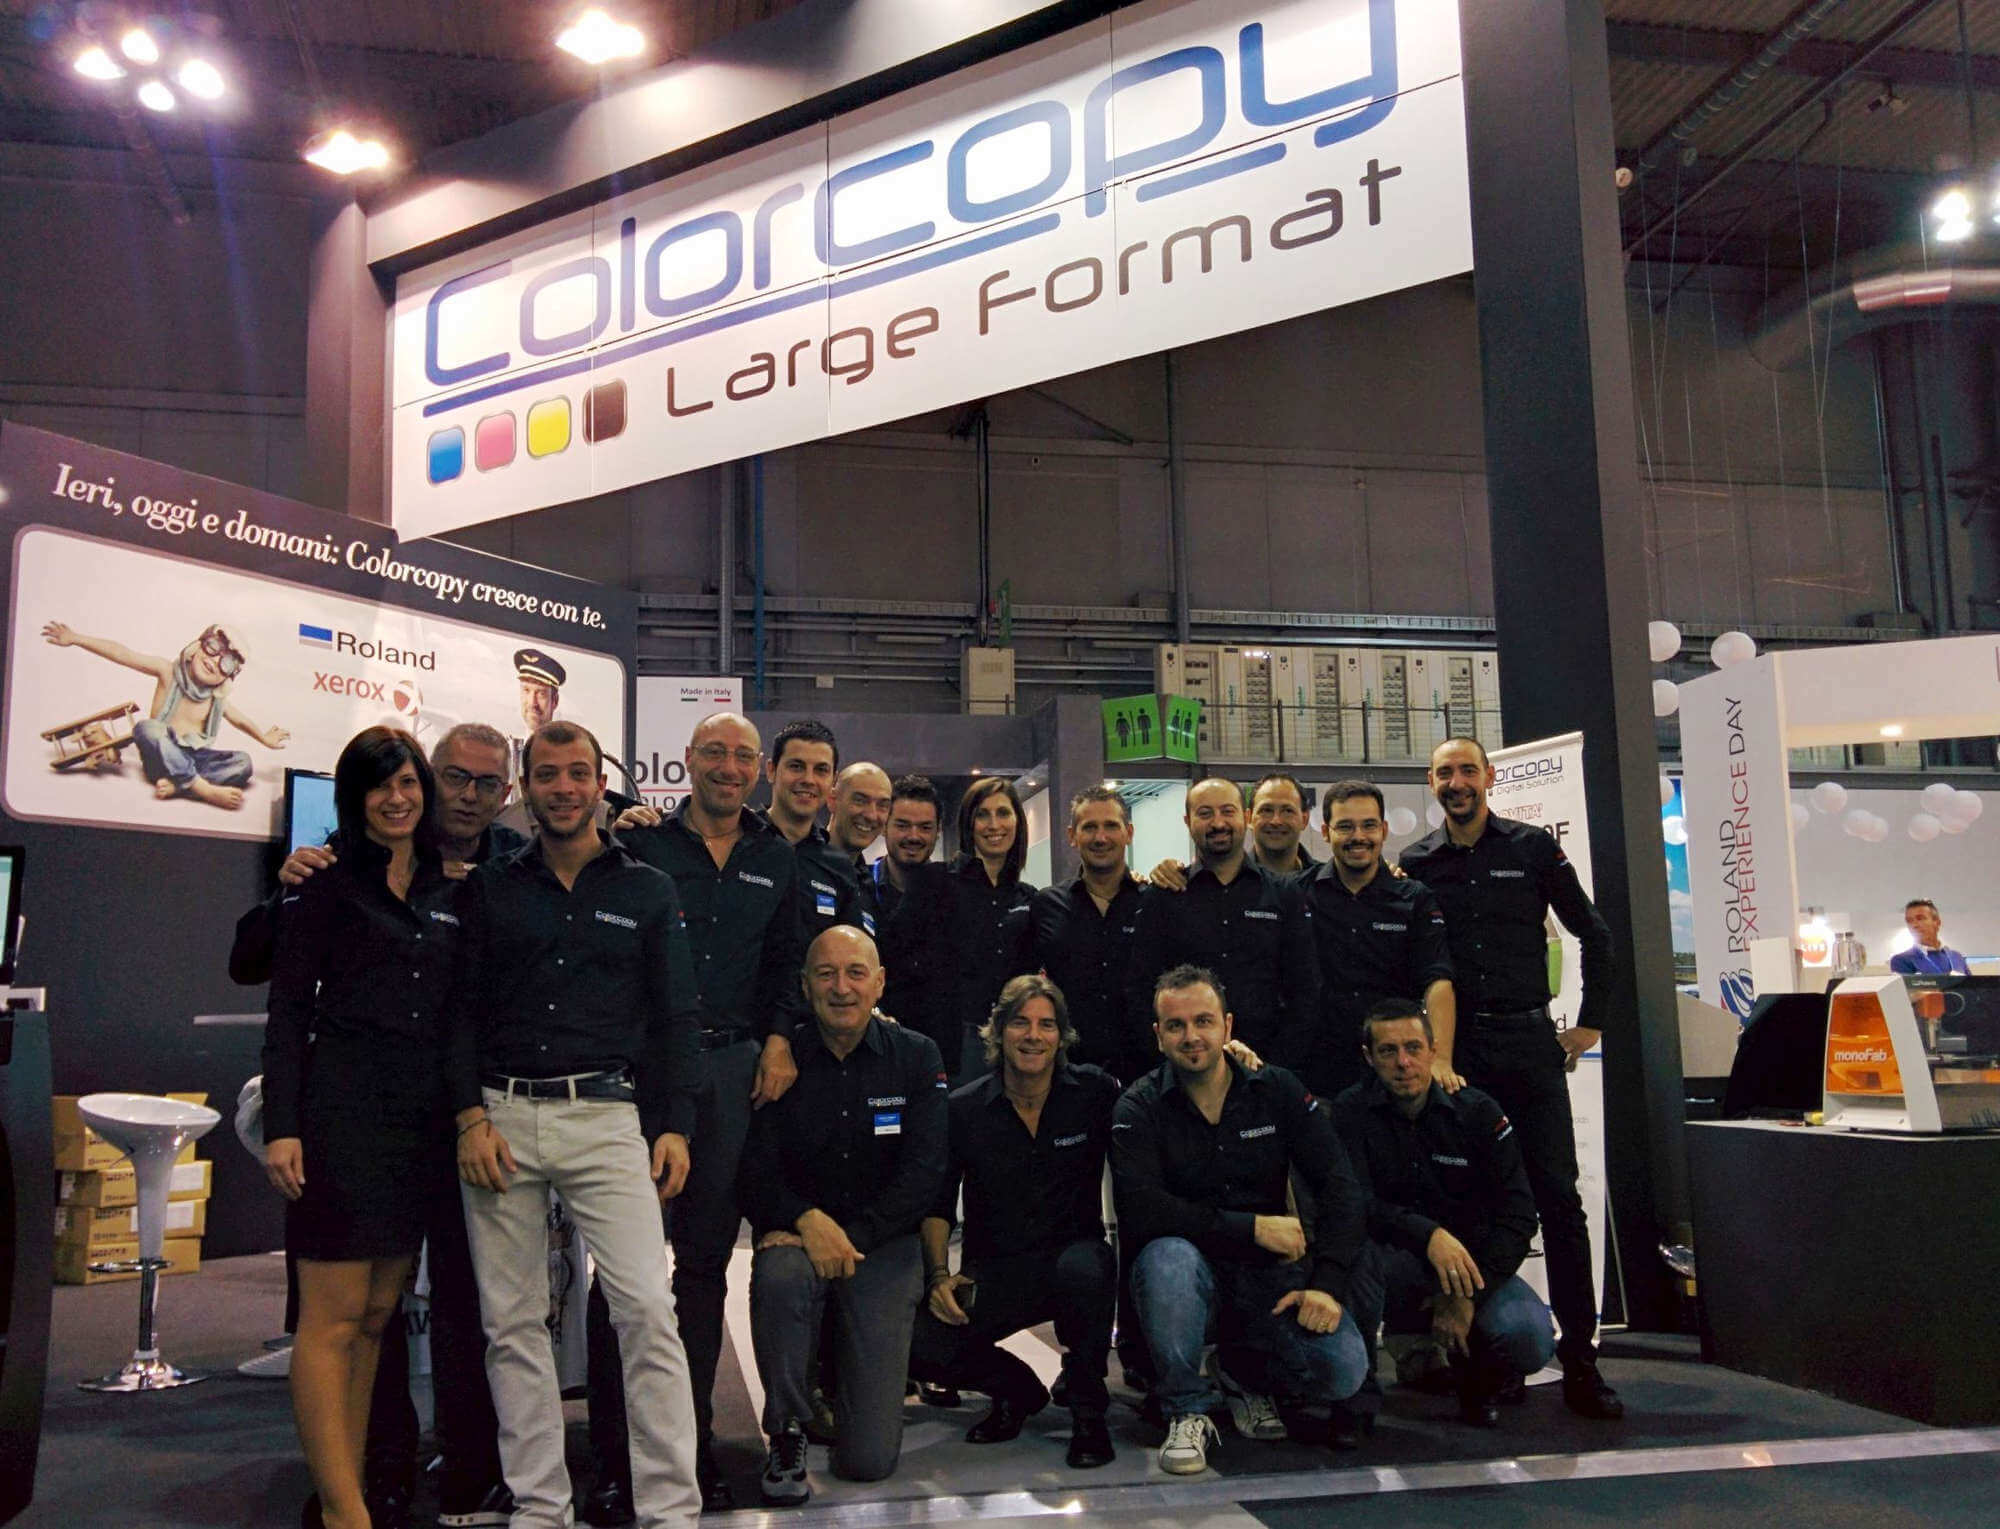 Colorcopy management